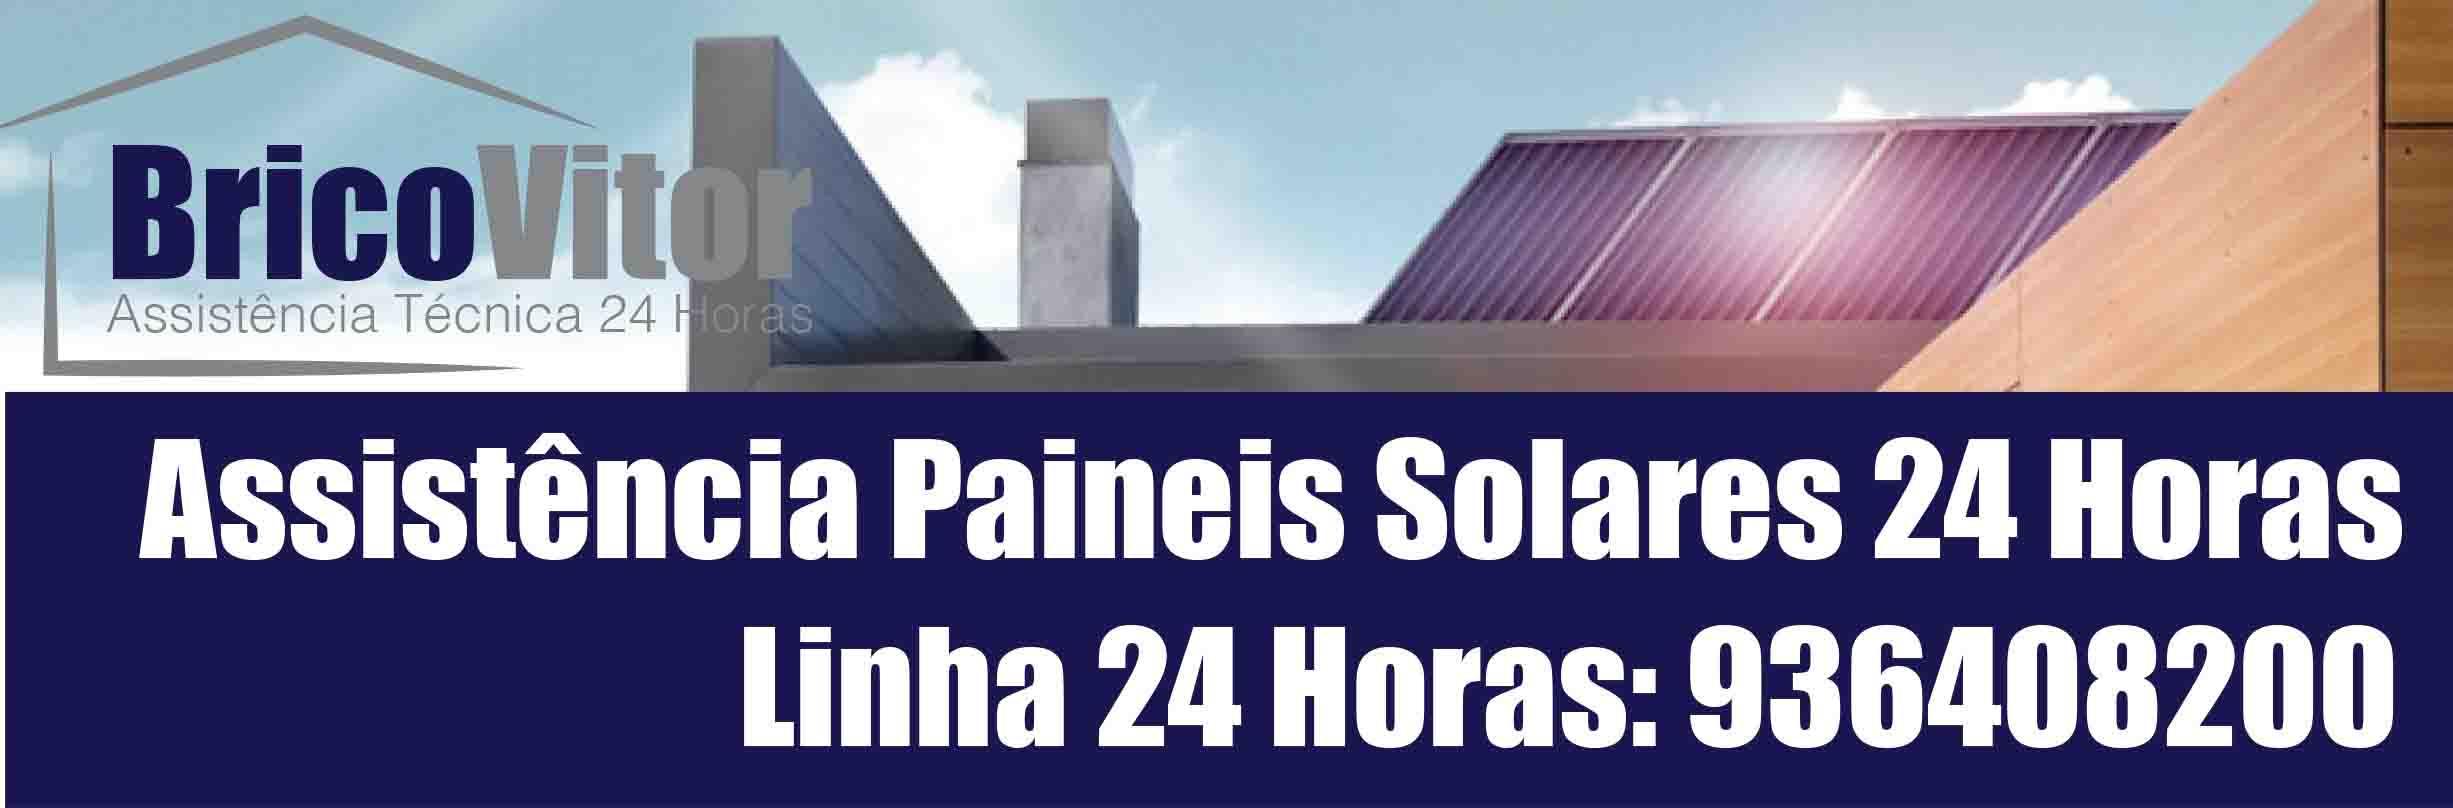 Assistência Painéis Solares Vagos